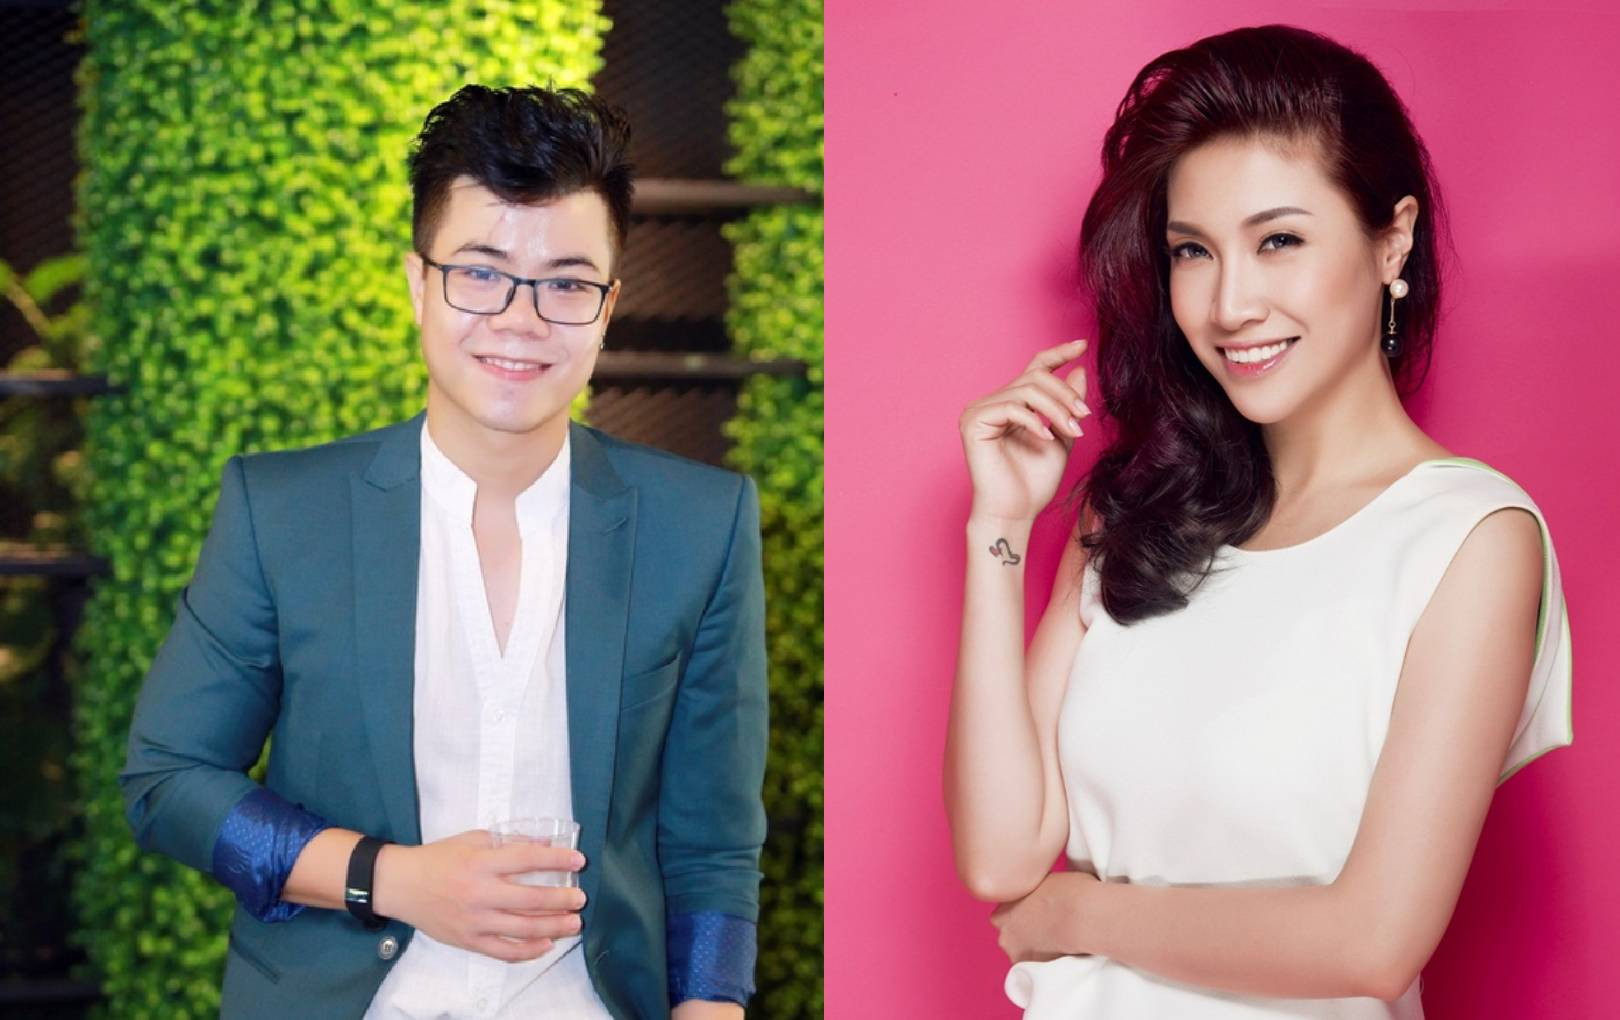 """Đinh Mạnh Ninh chỉ trích trend """"chuyển giới"""", Pha Lê liền lên tiếng phản bác"""